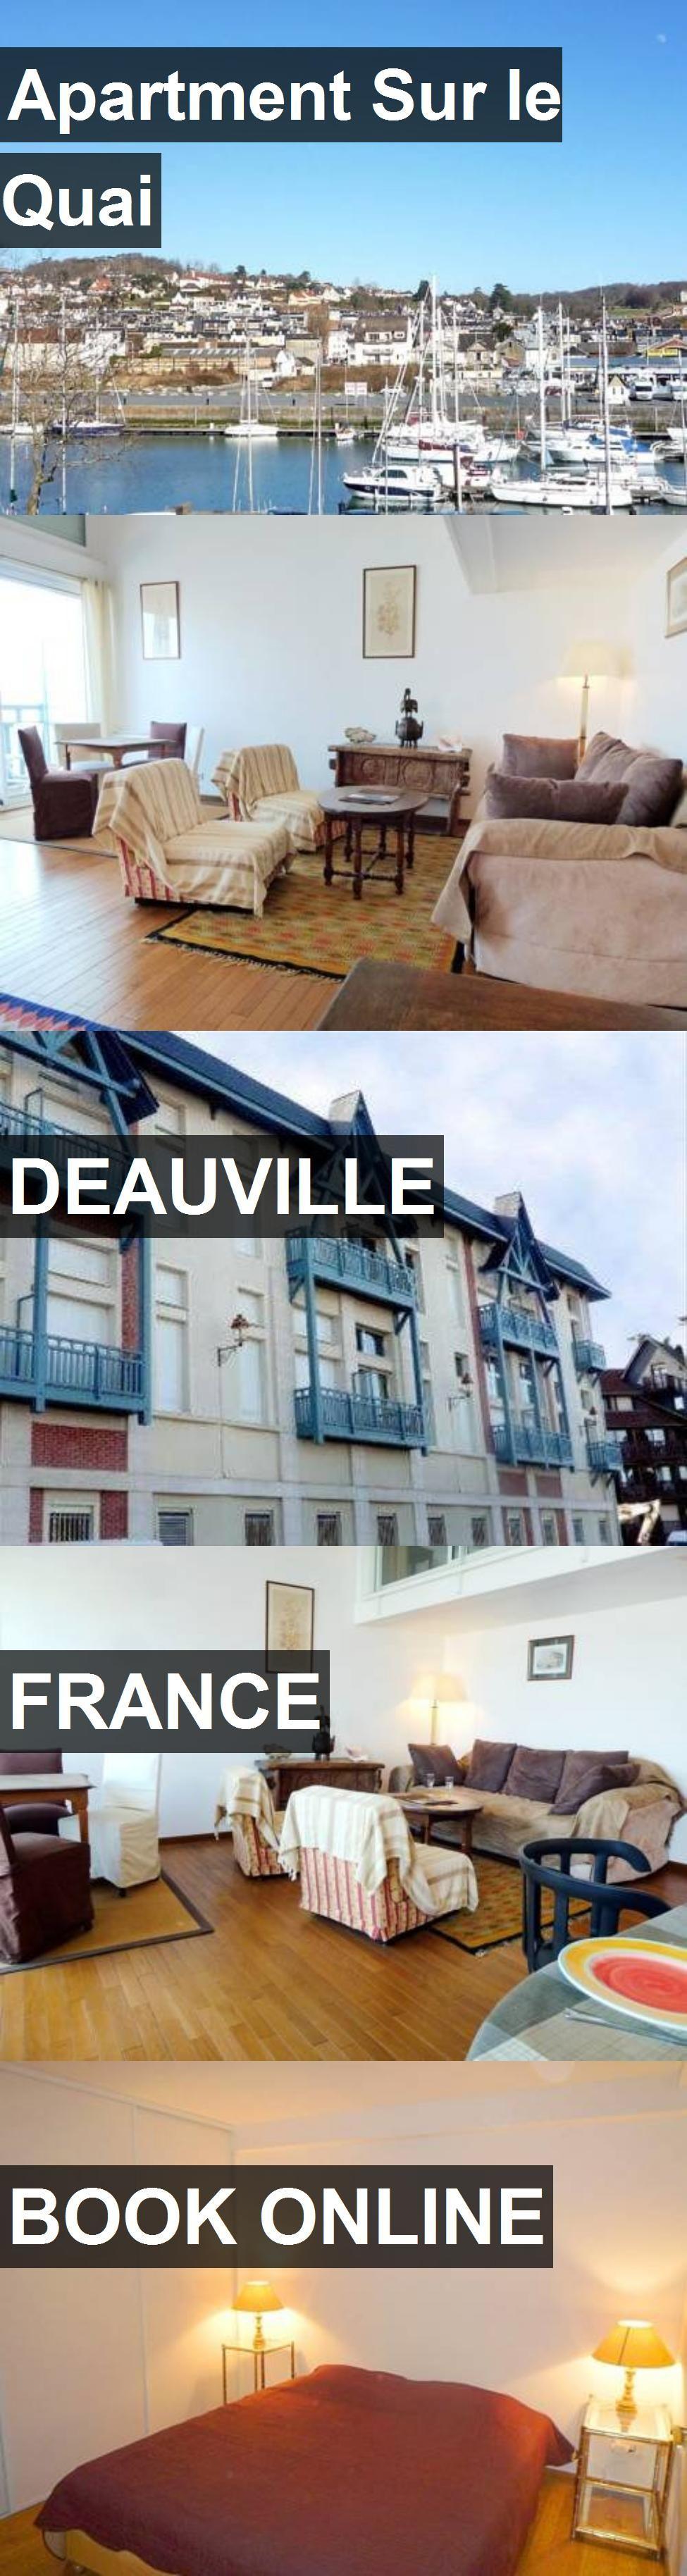 Hotel Deauville Le Polo Hotel Deauville Trouville C´te Fleurie